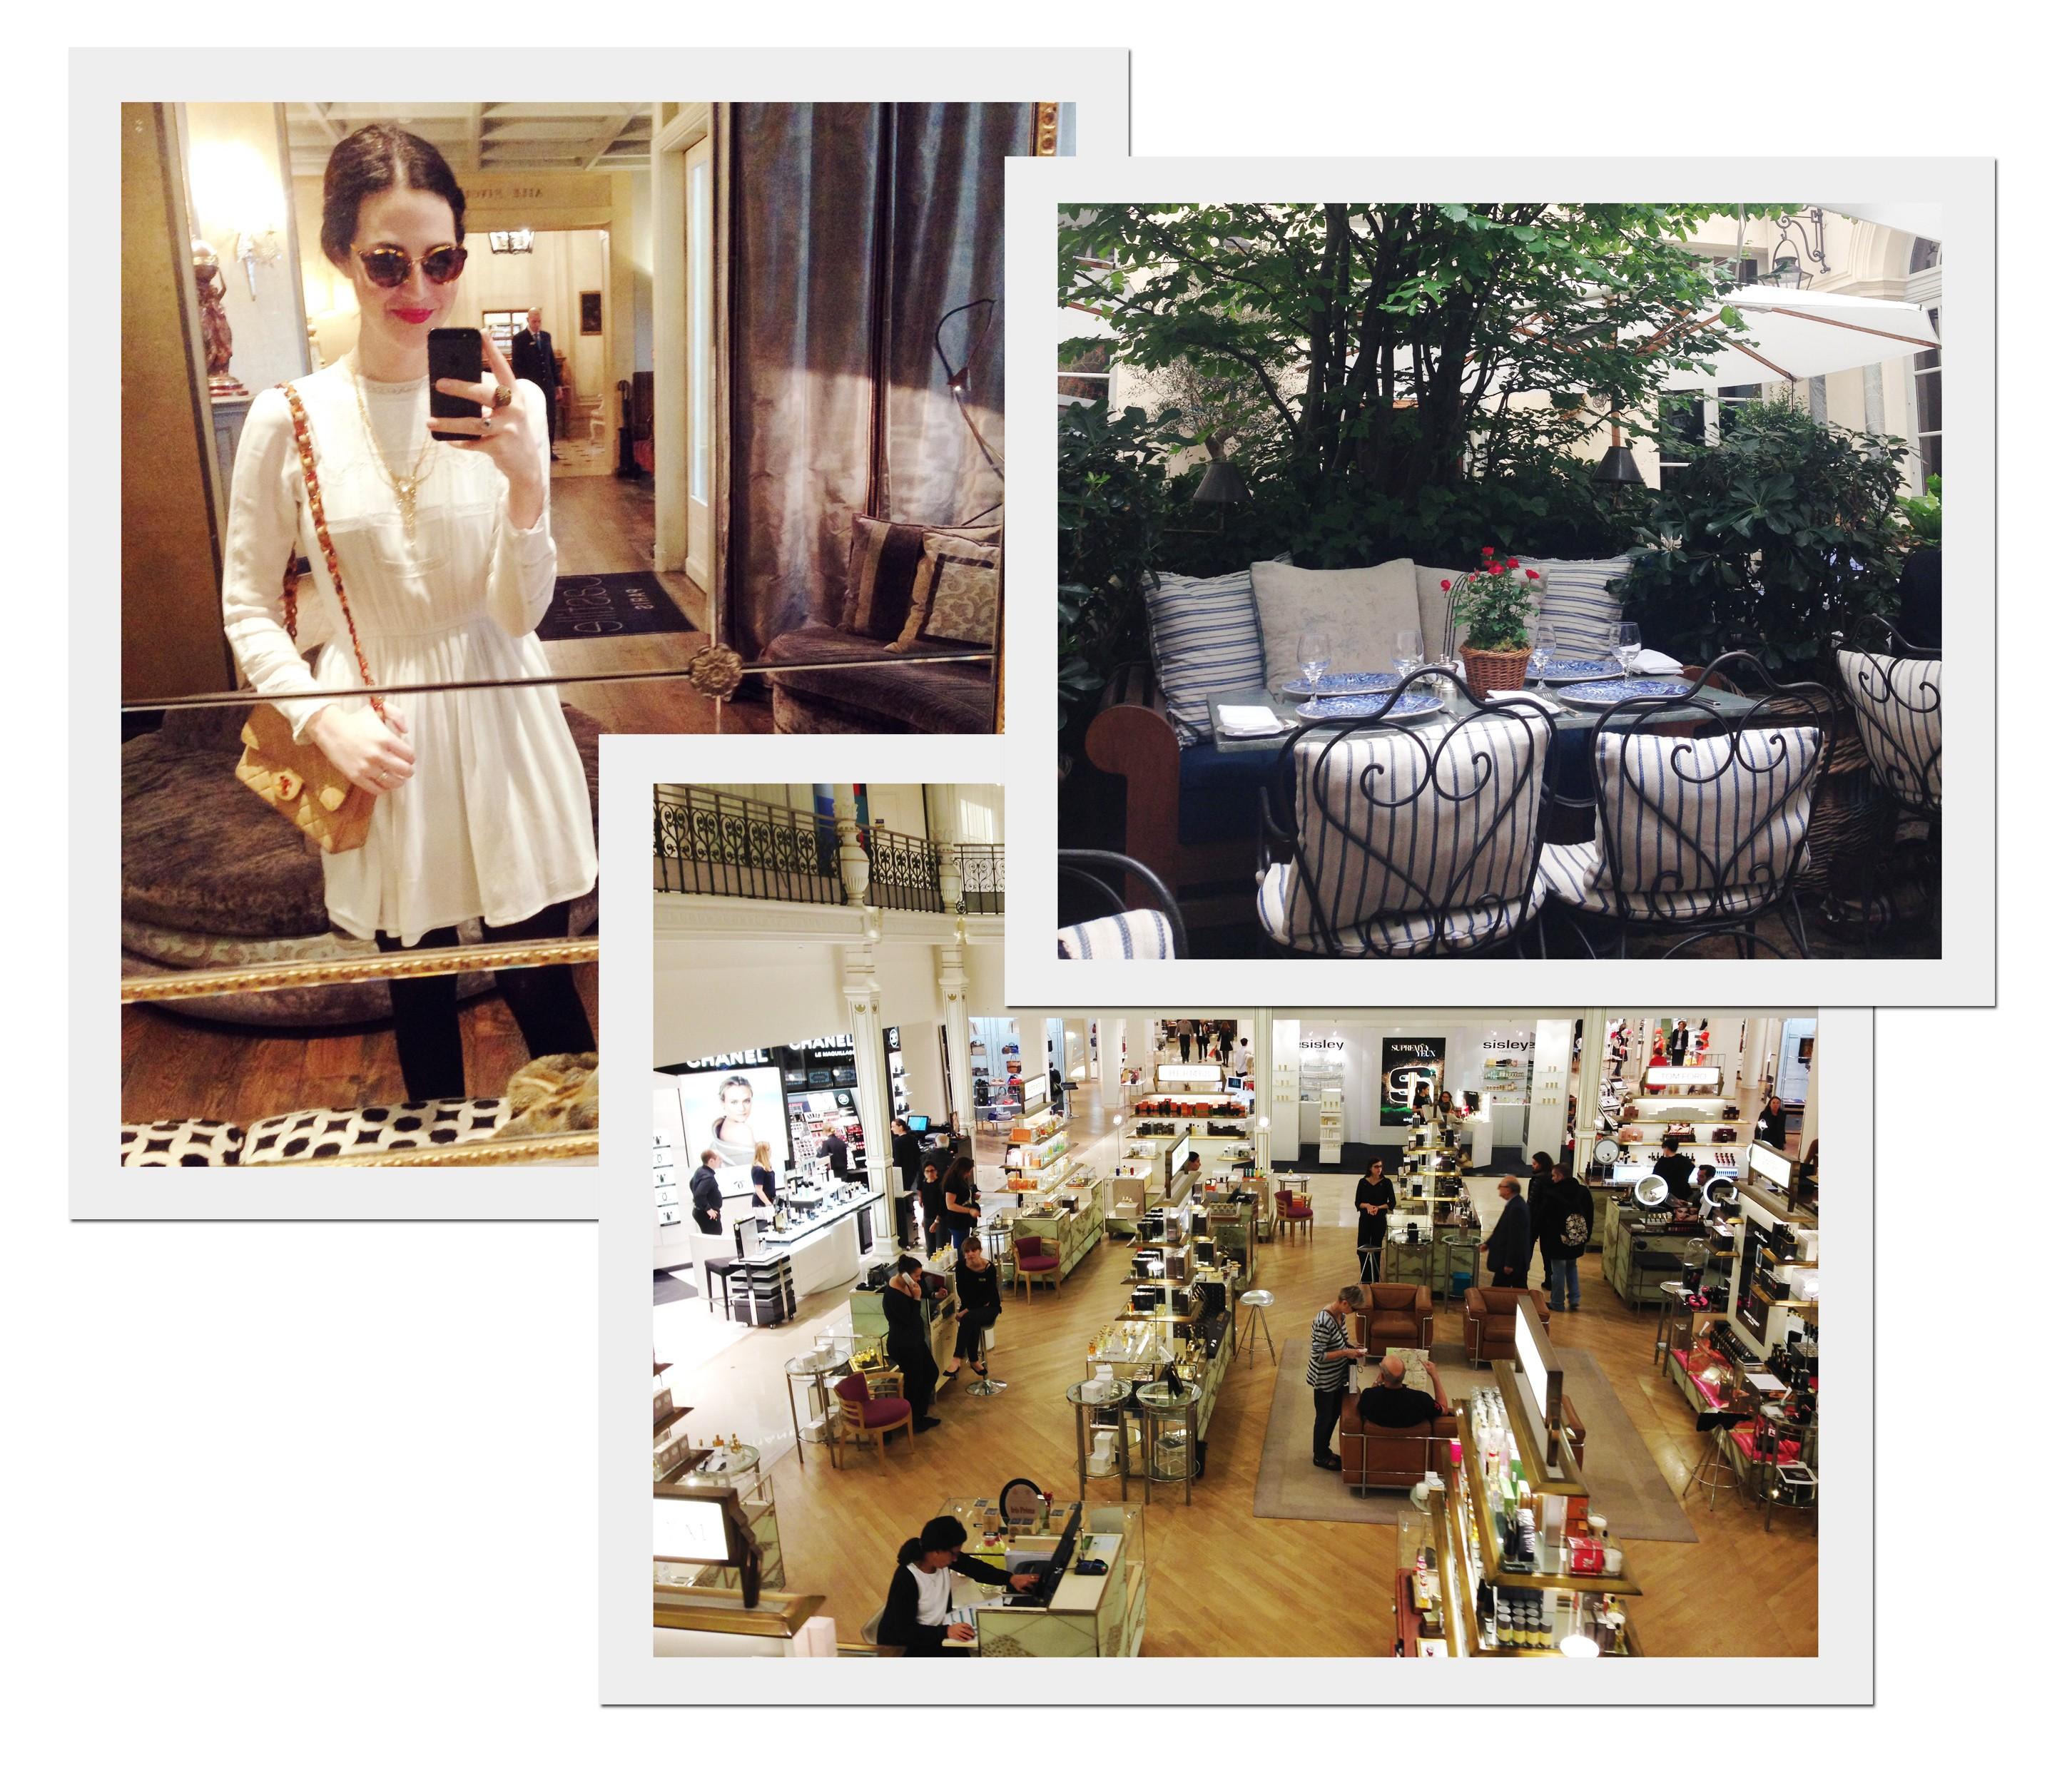 Voguetrotter: Paris por Victoria Ceridono, editora de beleza da Vogue